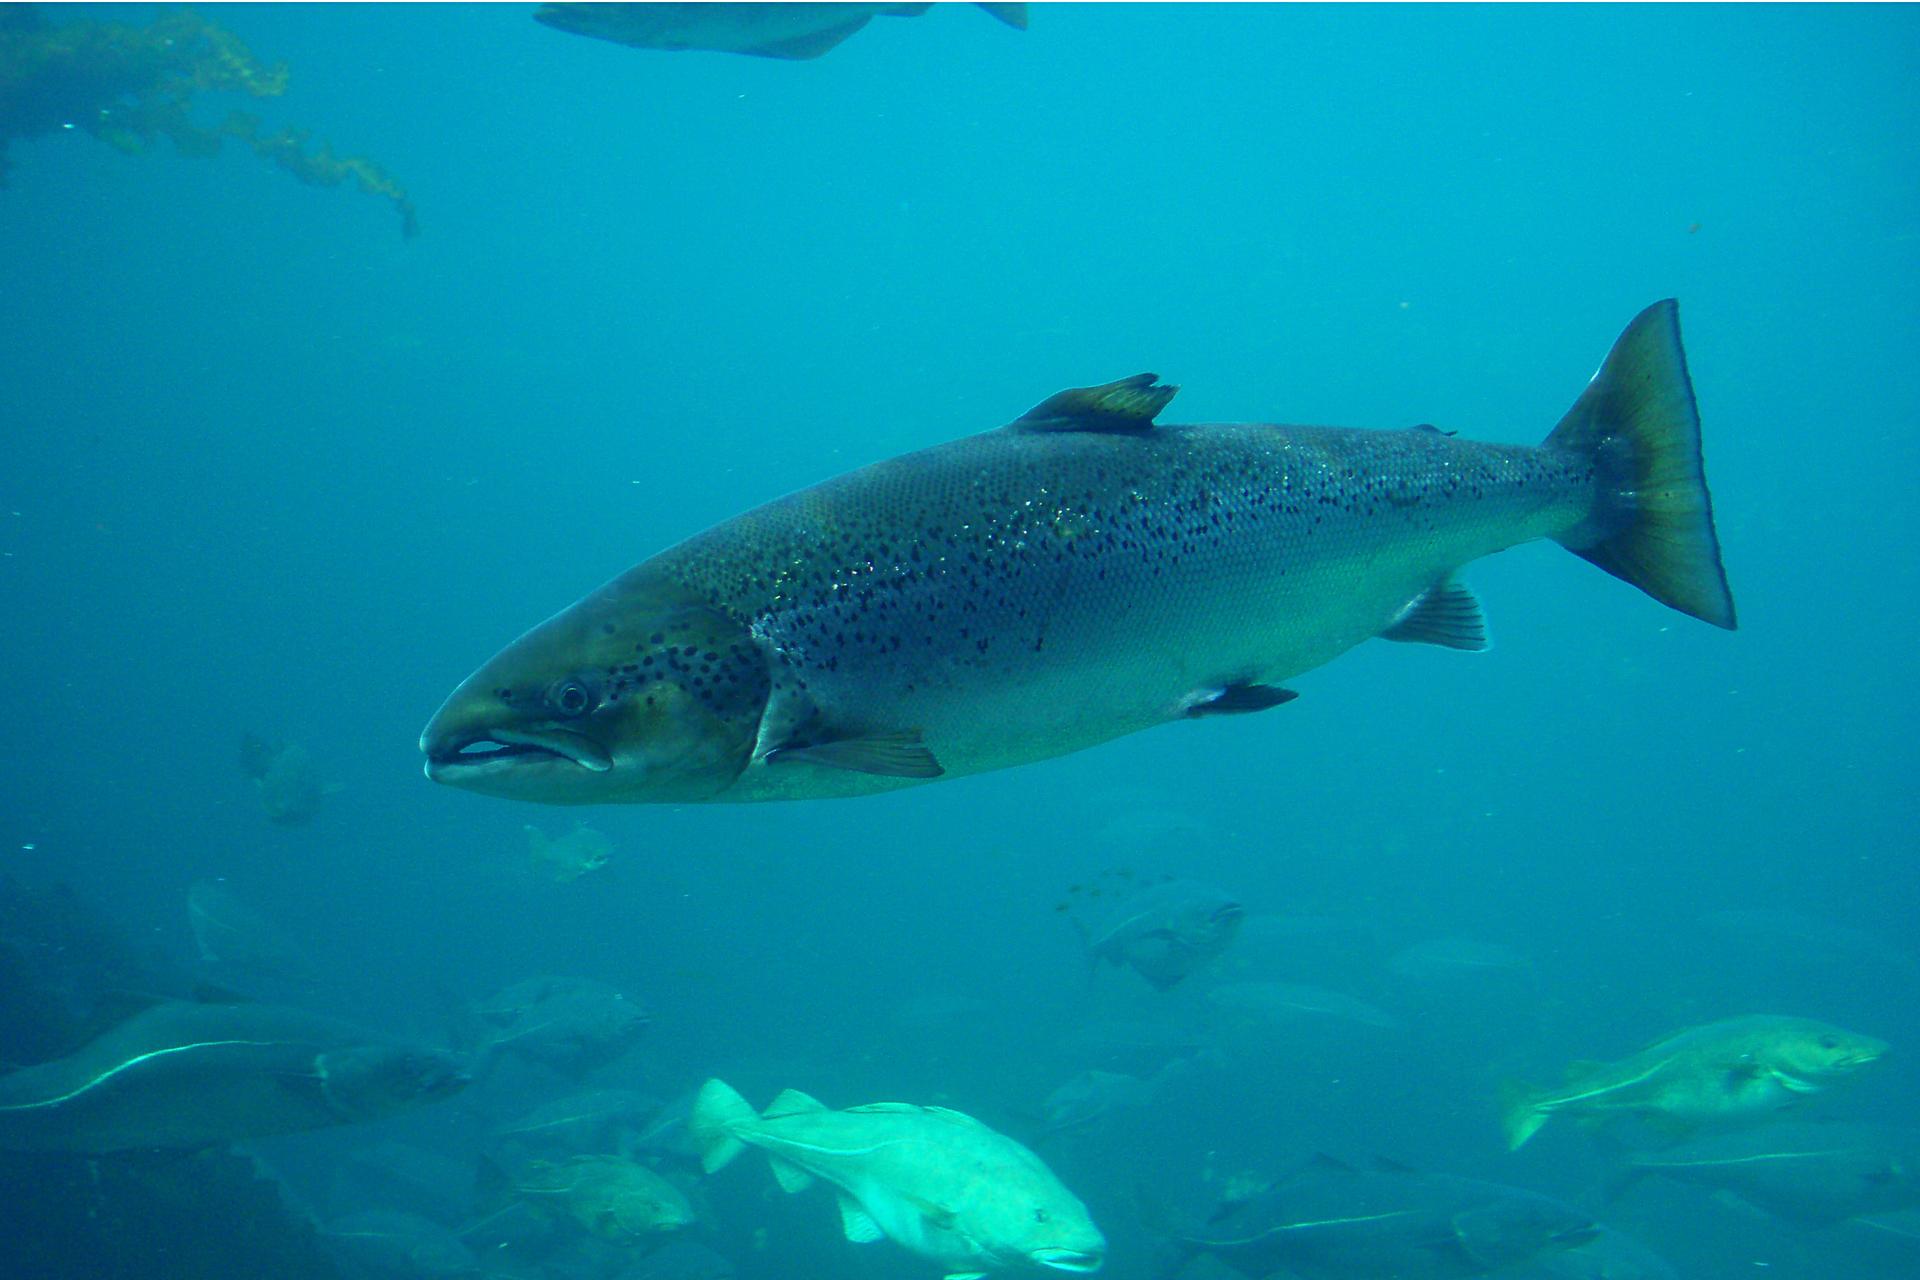 Zdjęcie łososia wmorzu. Ryba ma wydłużone ciało. Płetwa ogonowa ma kształt trójkąta.